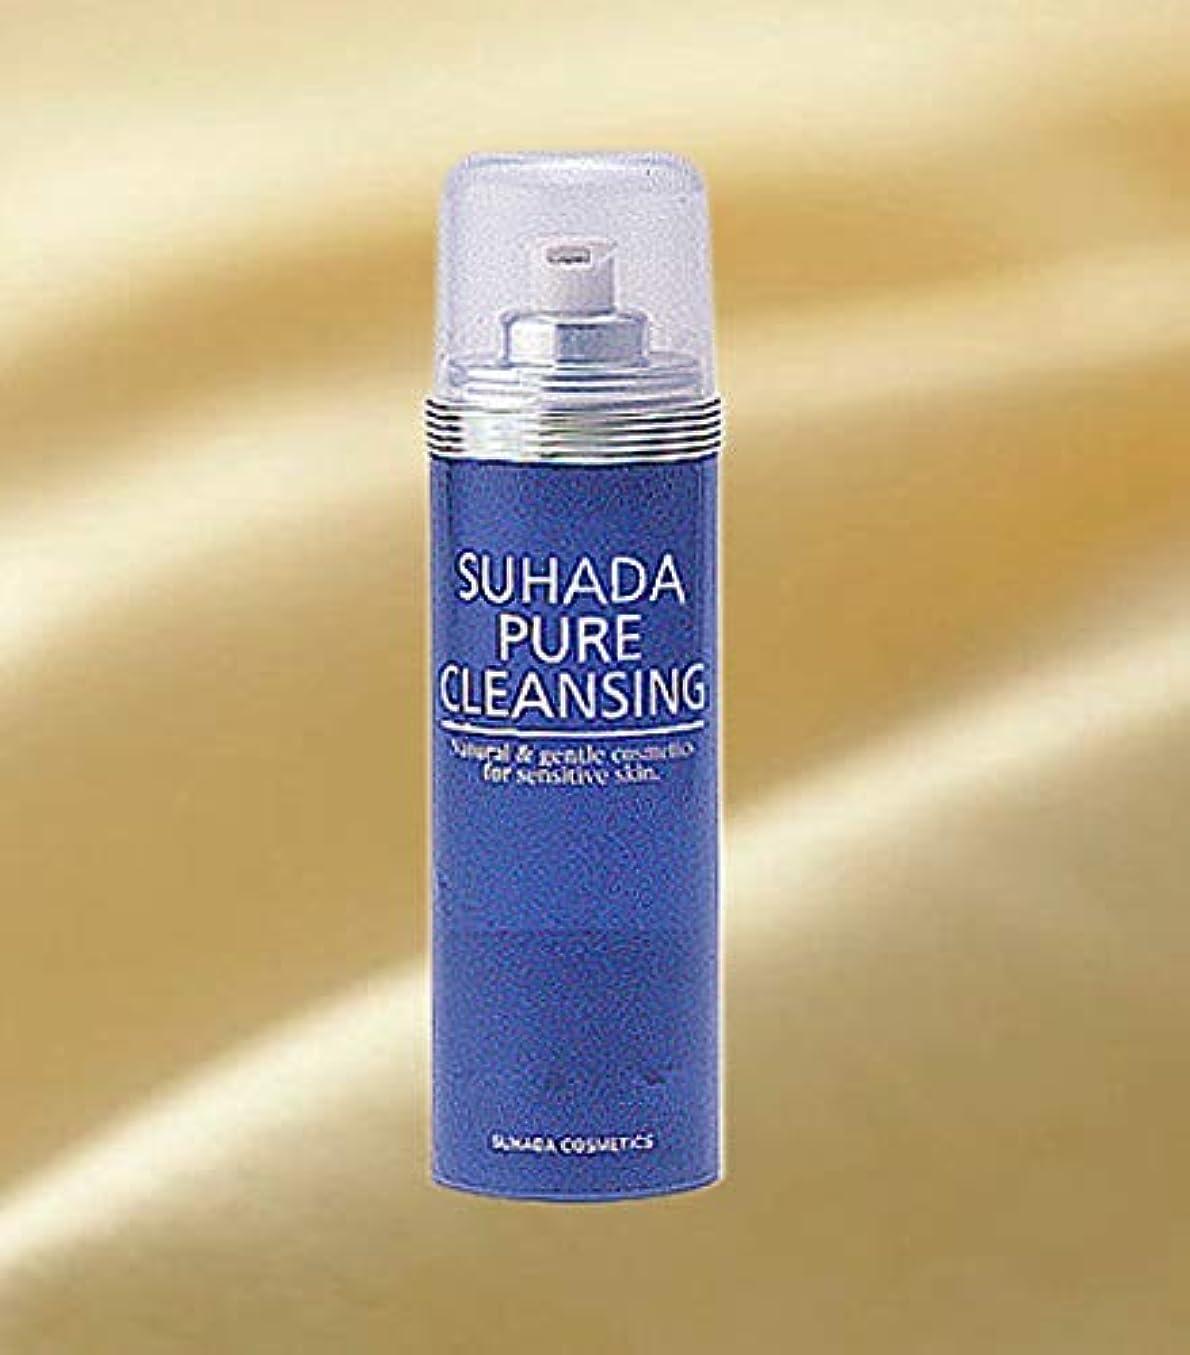 サーキットに行く職業サーバスハダ ピュアクレンジング(130g) Suhada Pure Cleansing